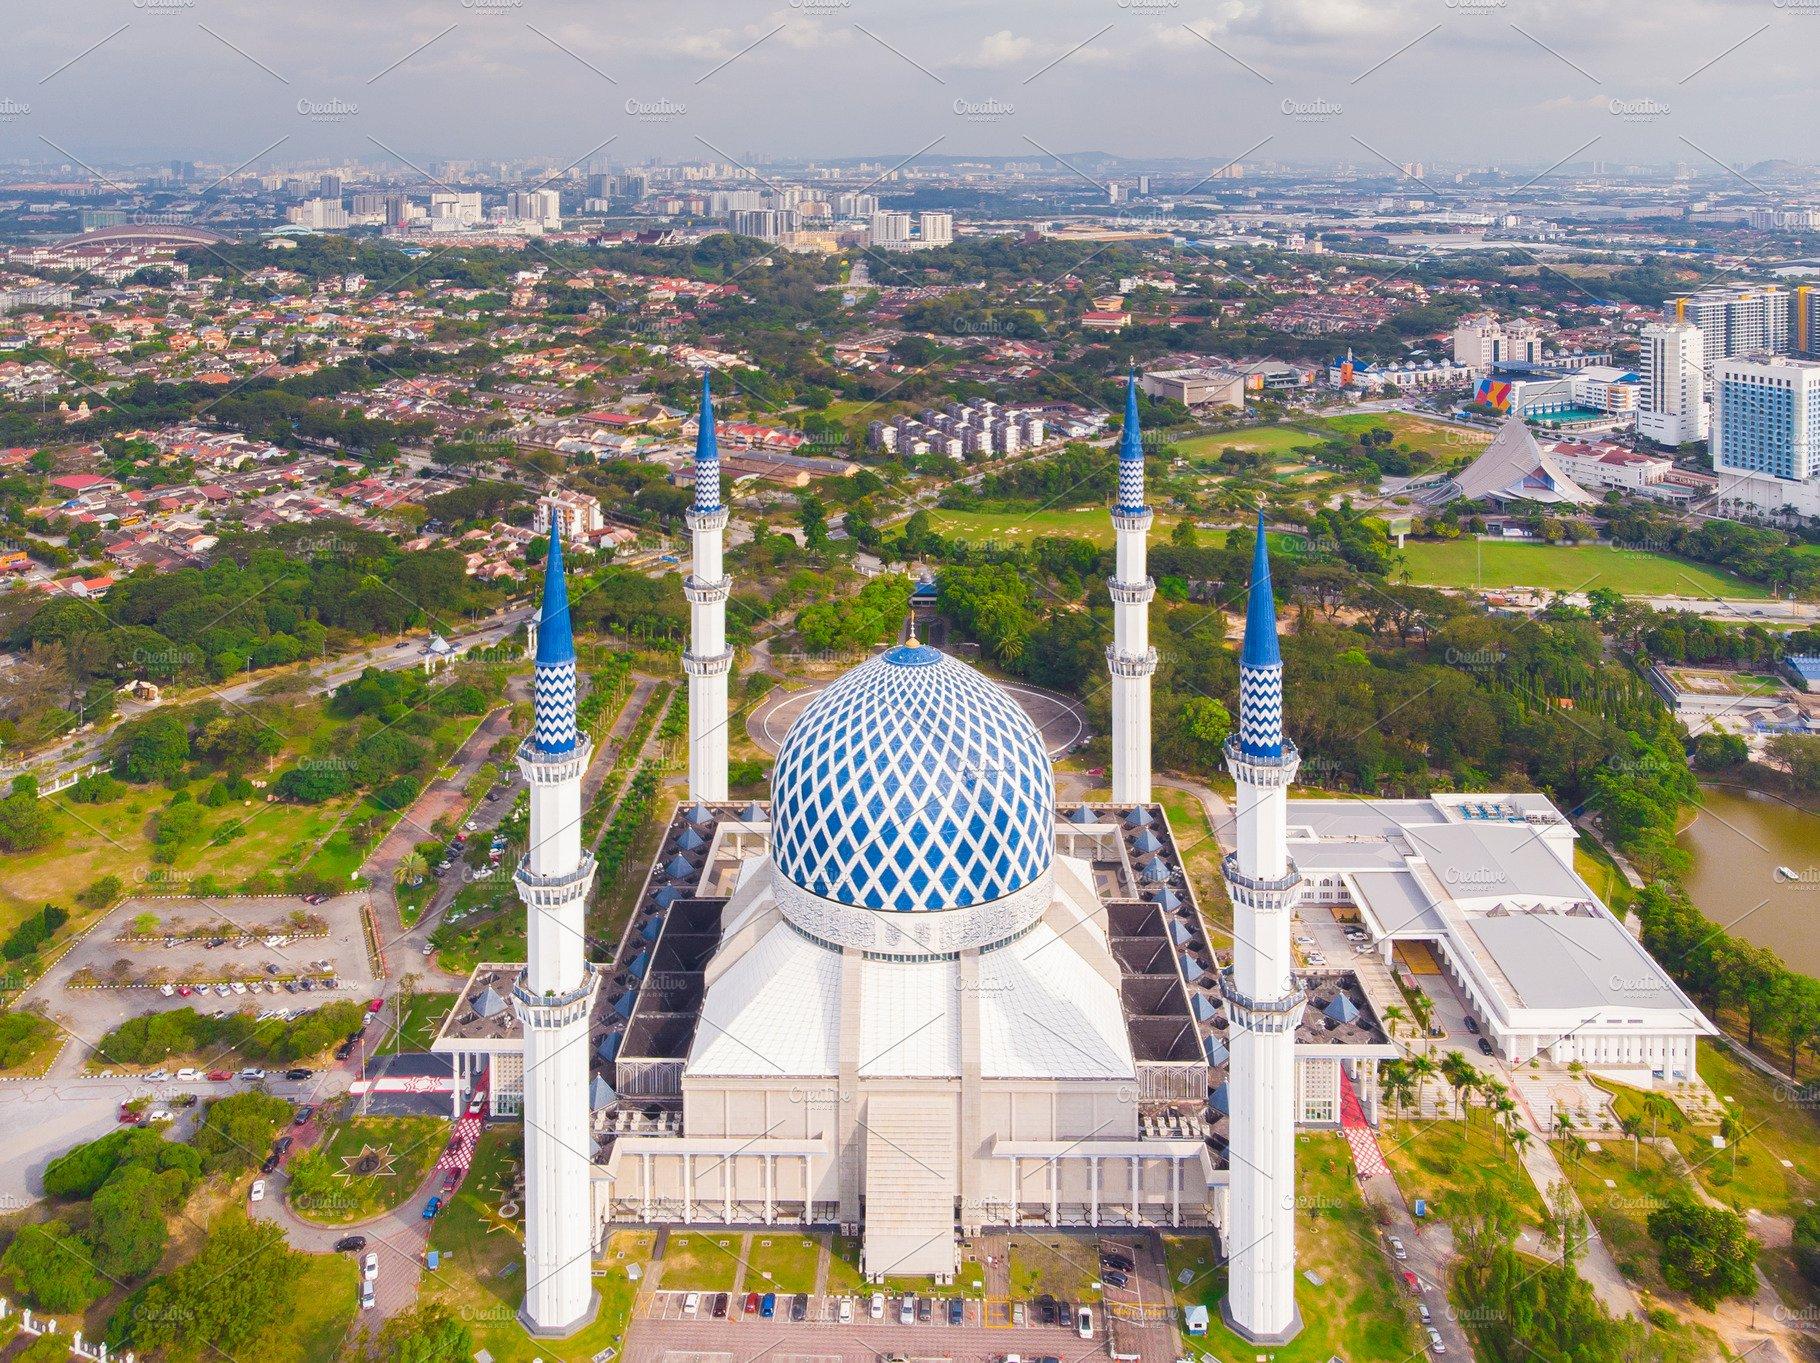 اجمل اماكن السياحة في سيلانجور مسجد السلطان صلاح الدين عبد العزيز